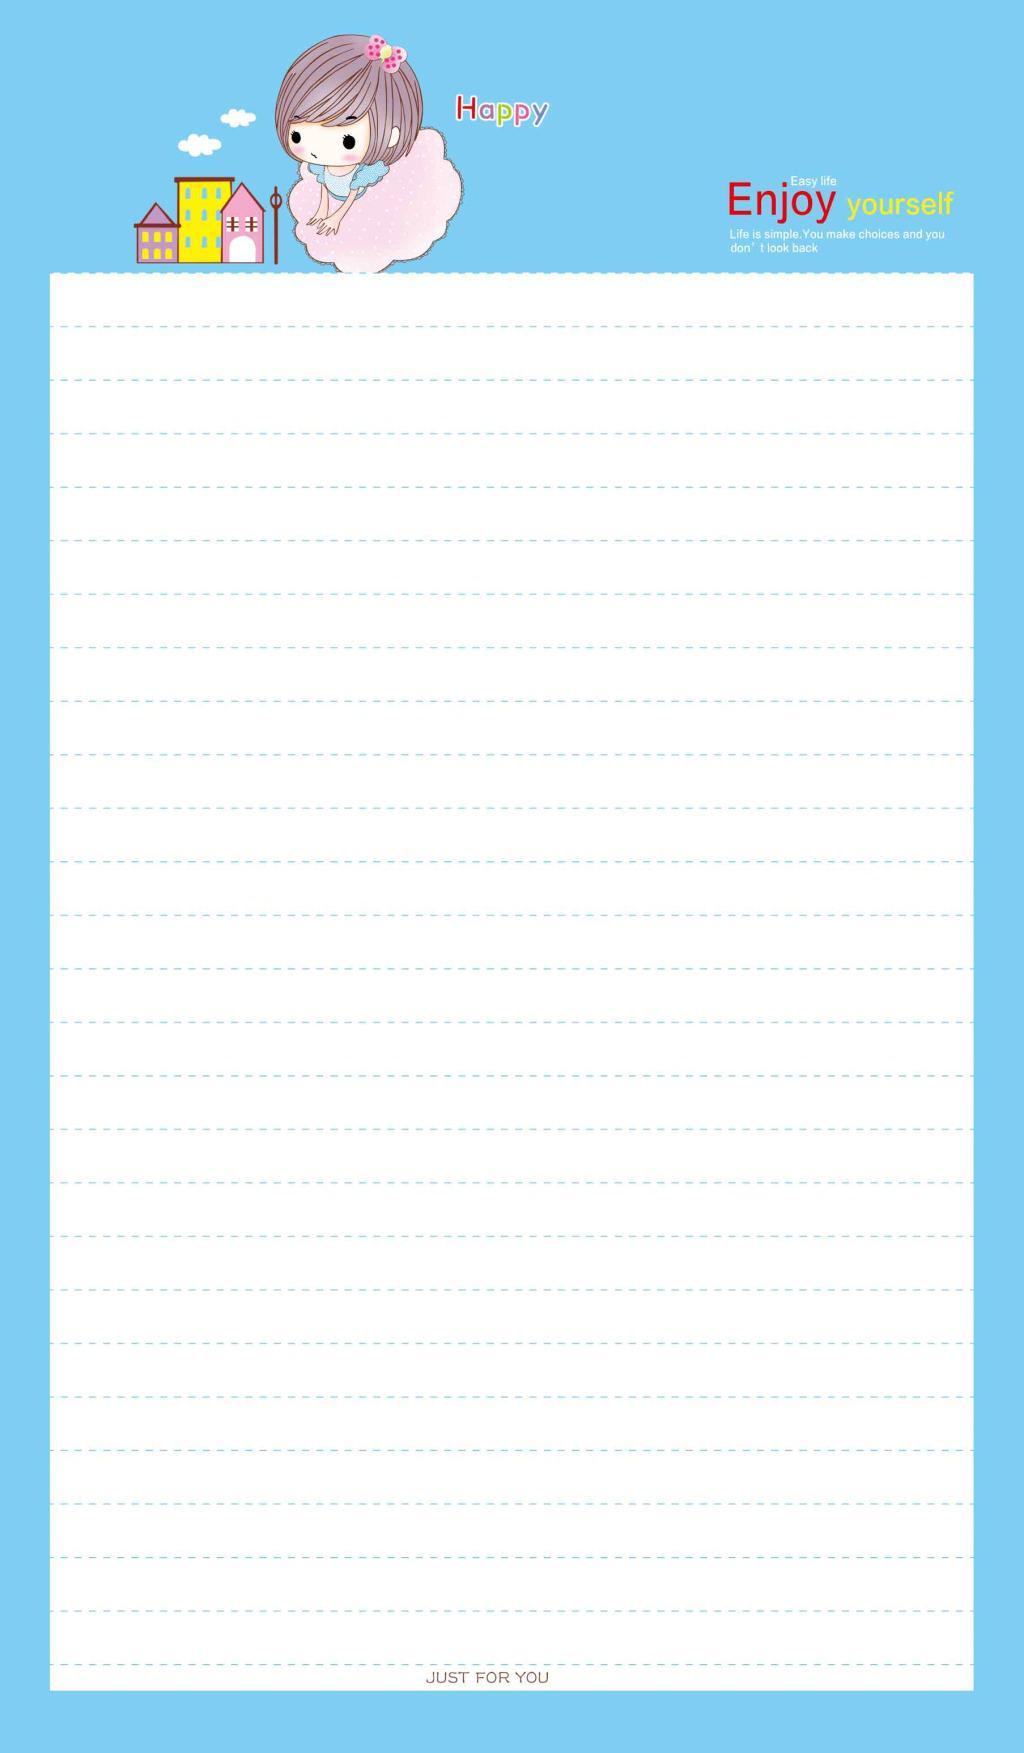 卡通女孩蓝色背景信纸